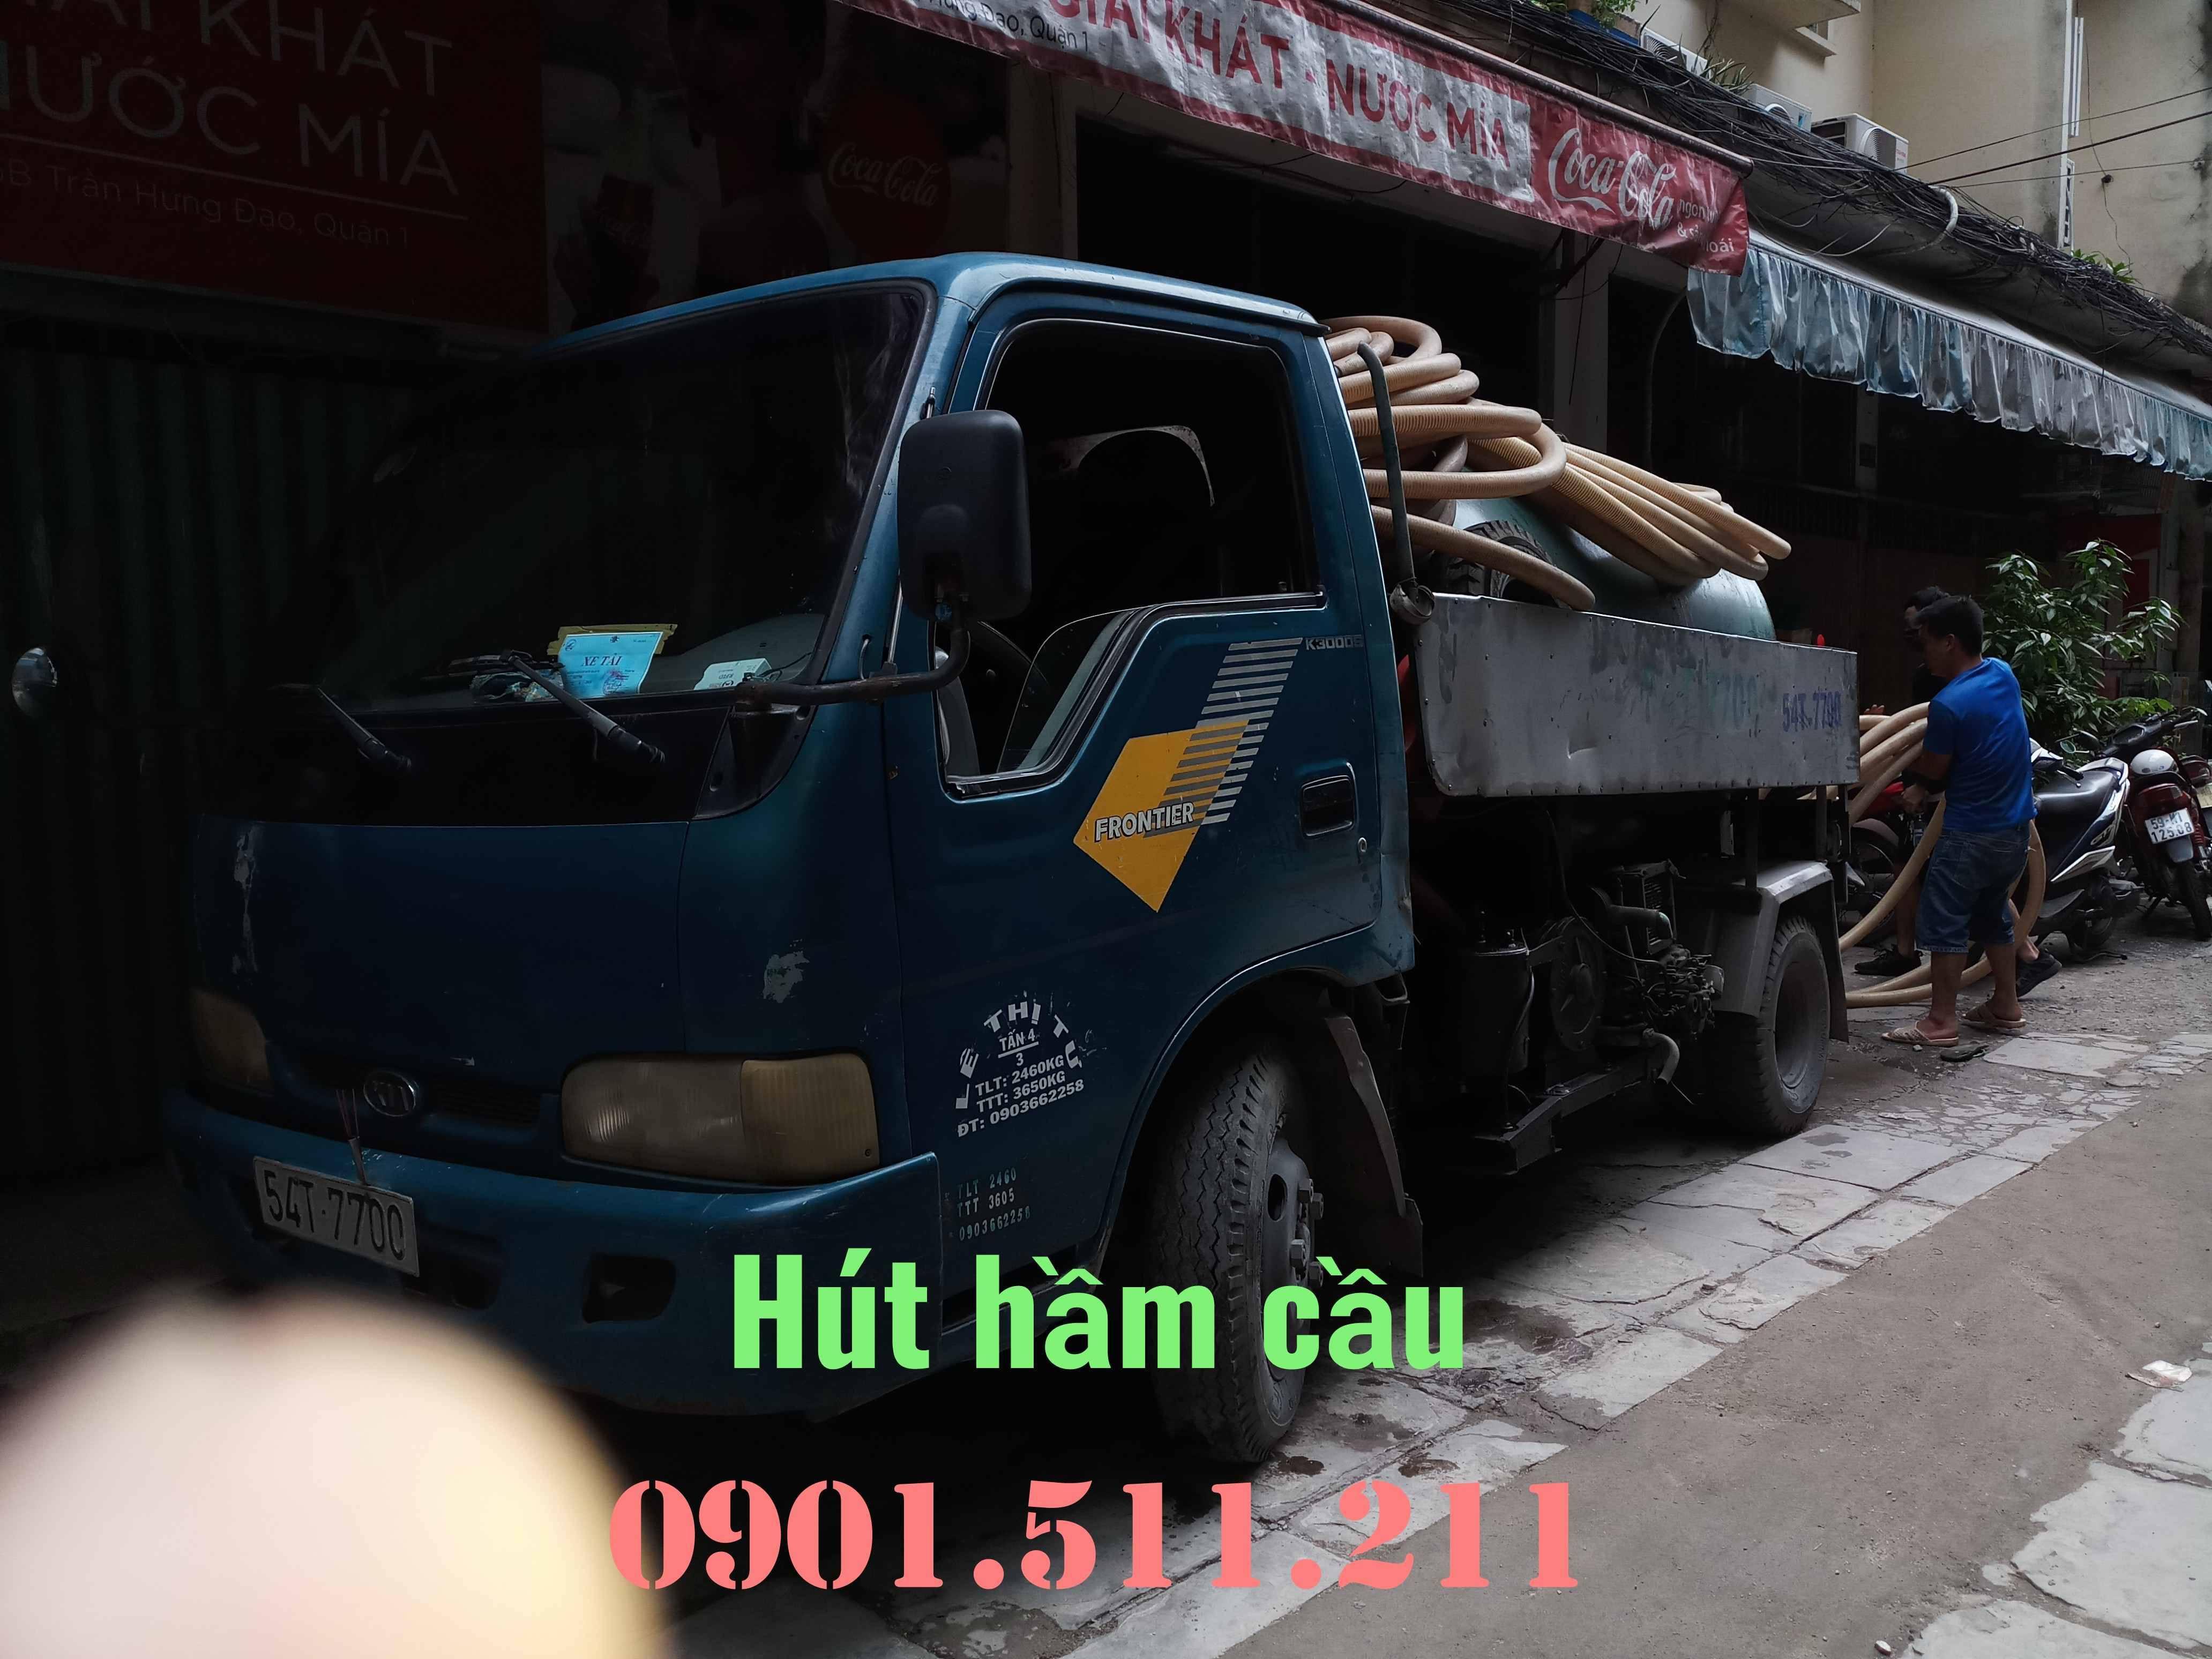 Hút hầm cầu giá rẻ uy tín HOÀNG LONG 0901511211